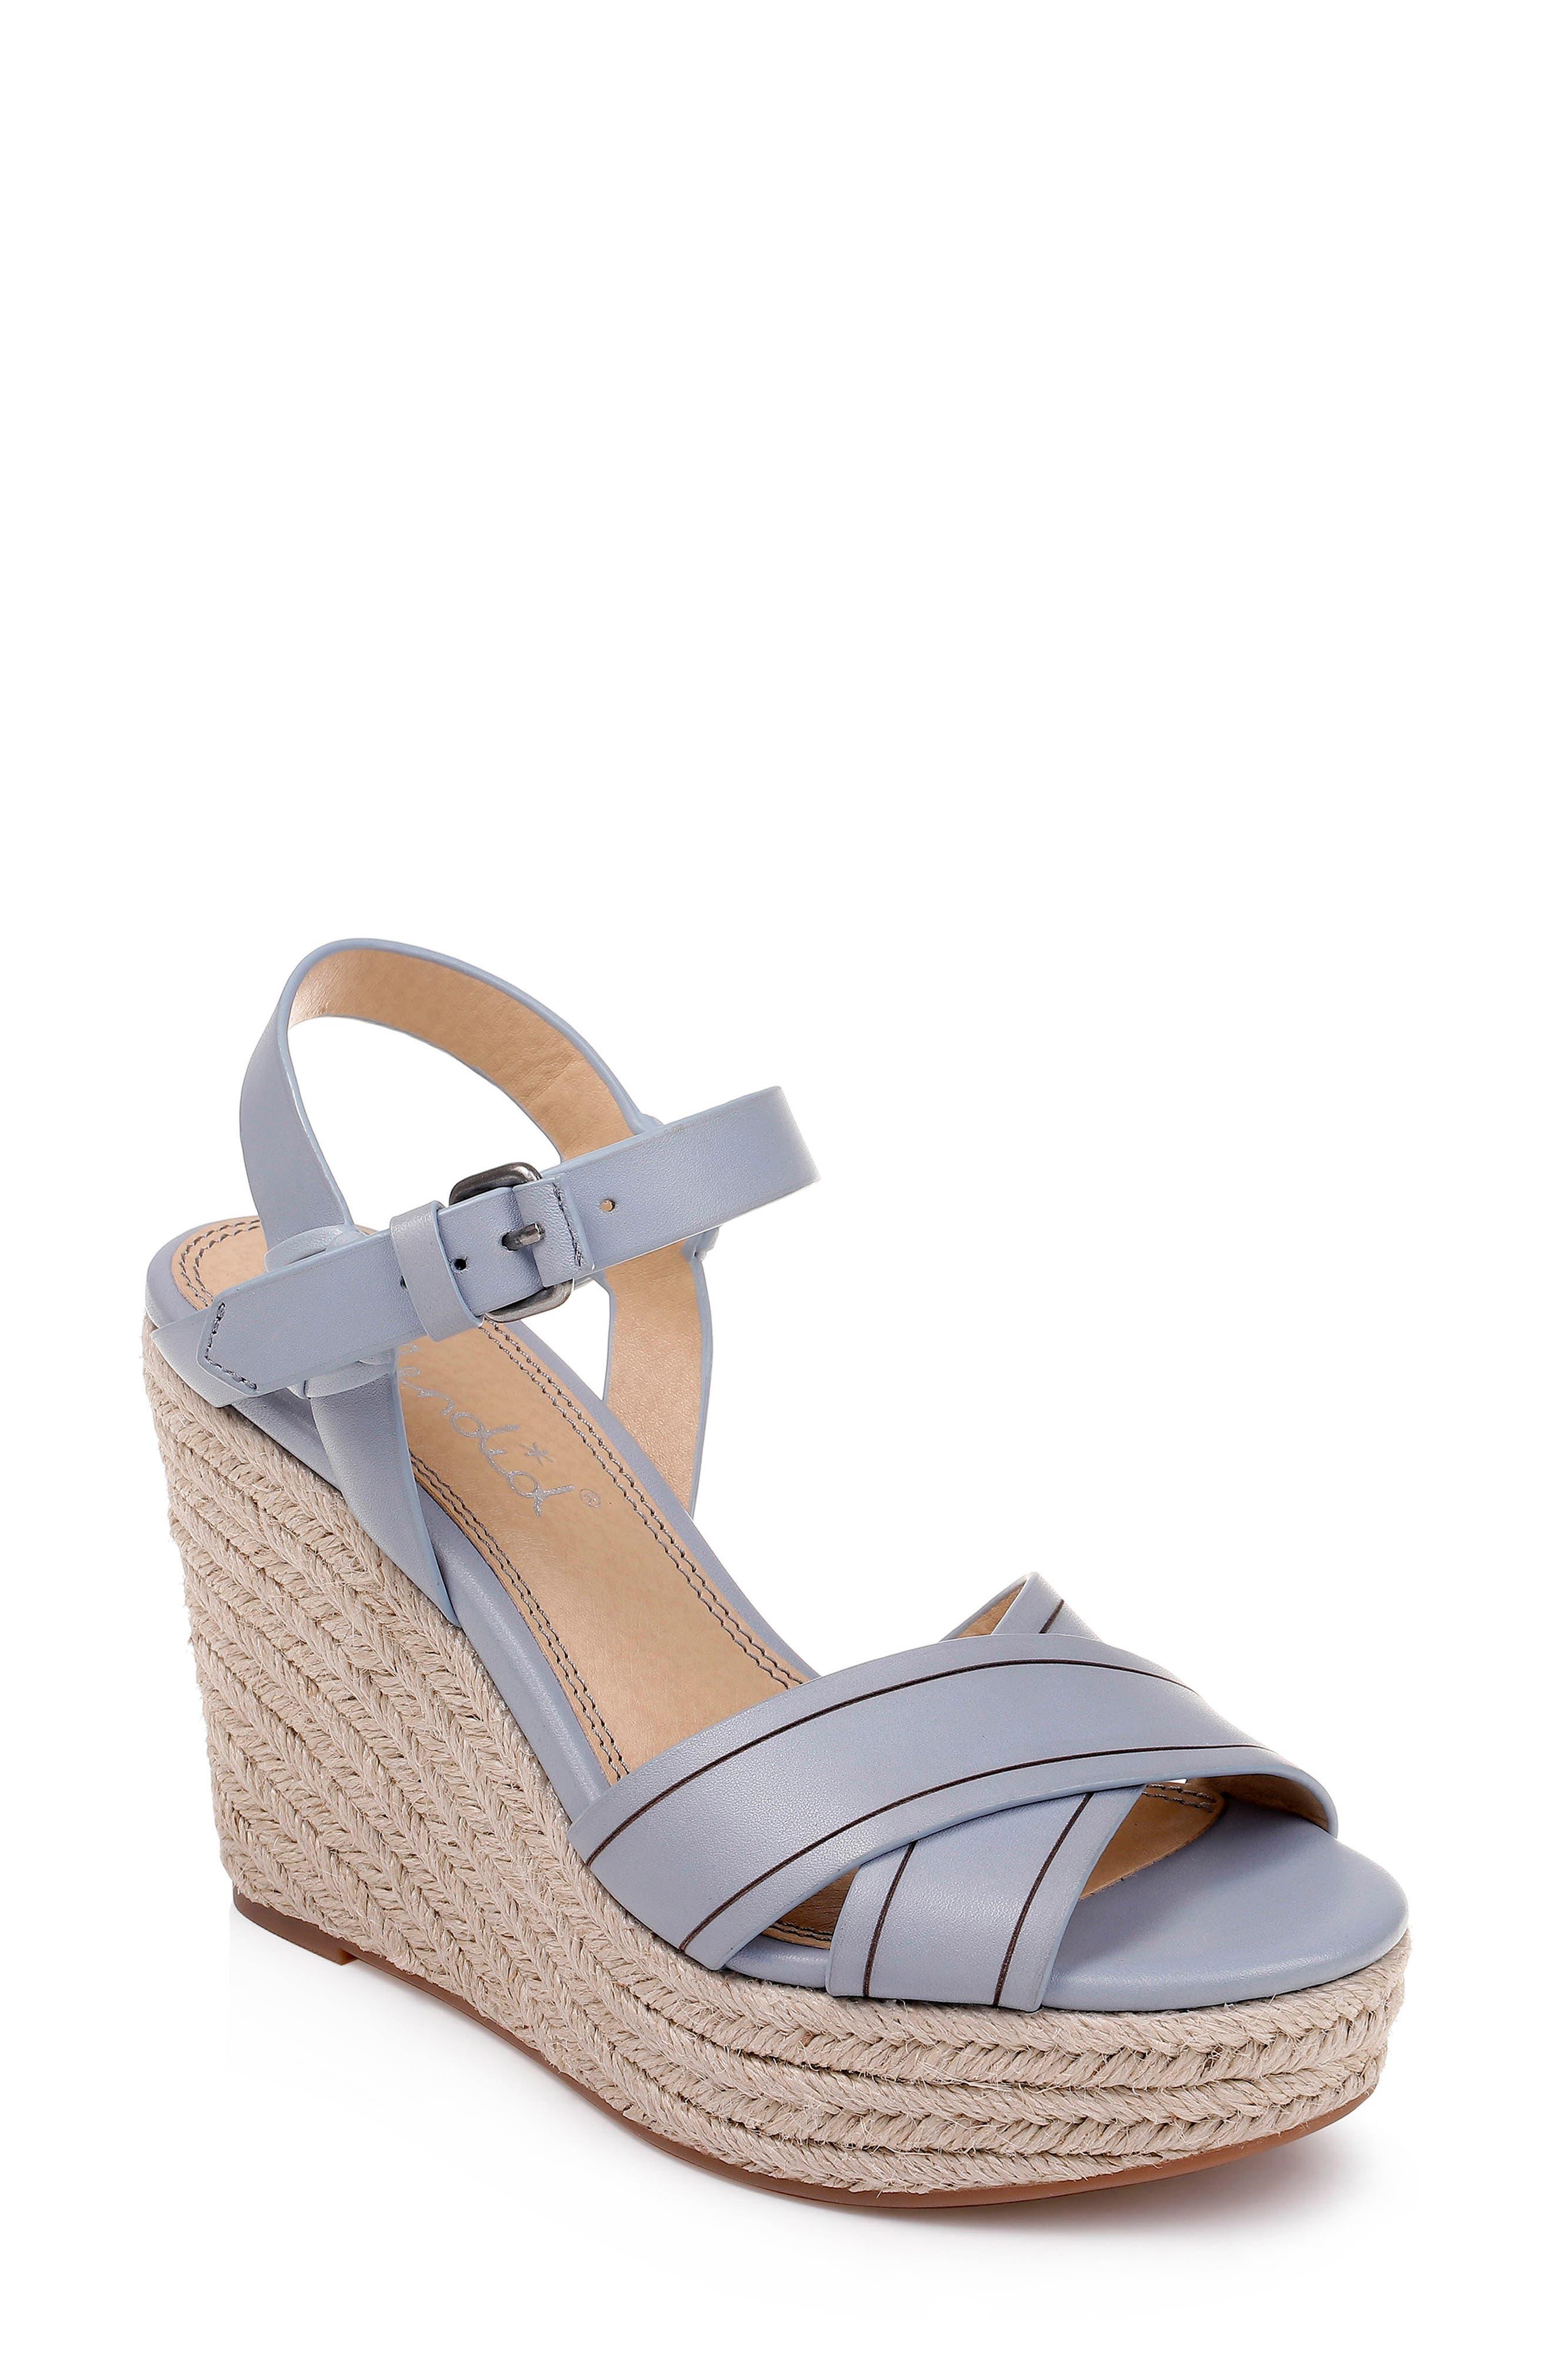 Splendid Taffeta Espadrille Wedge Sandal, Blue